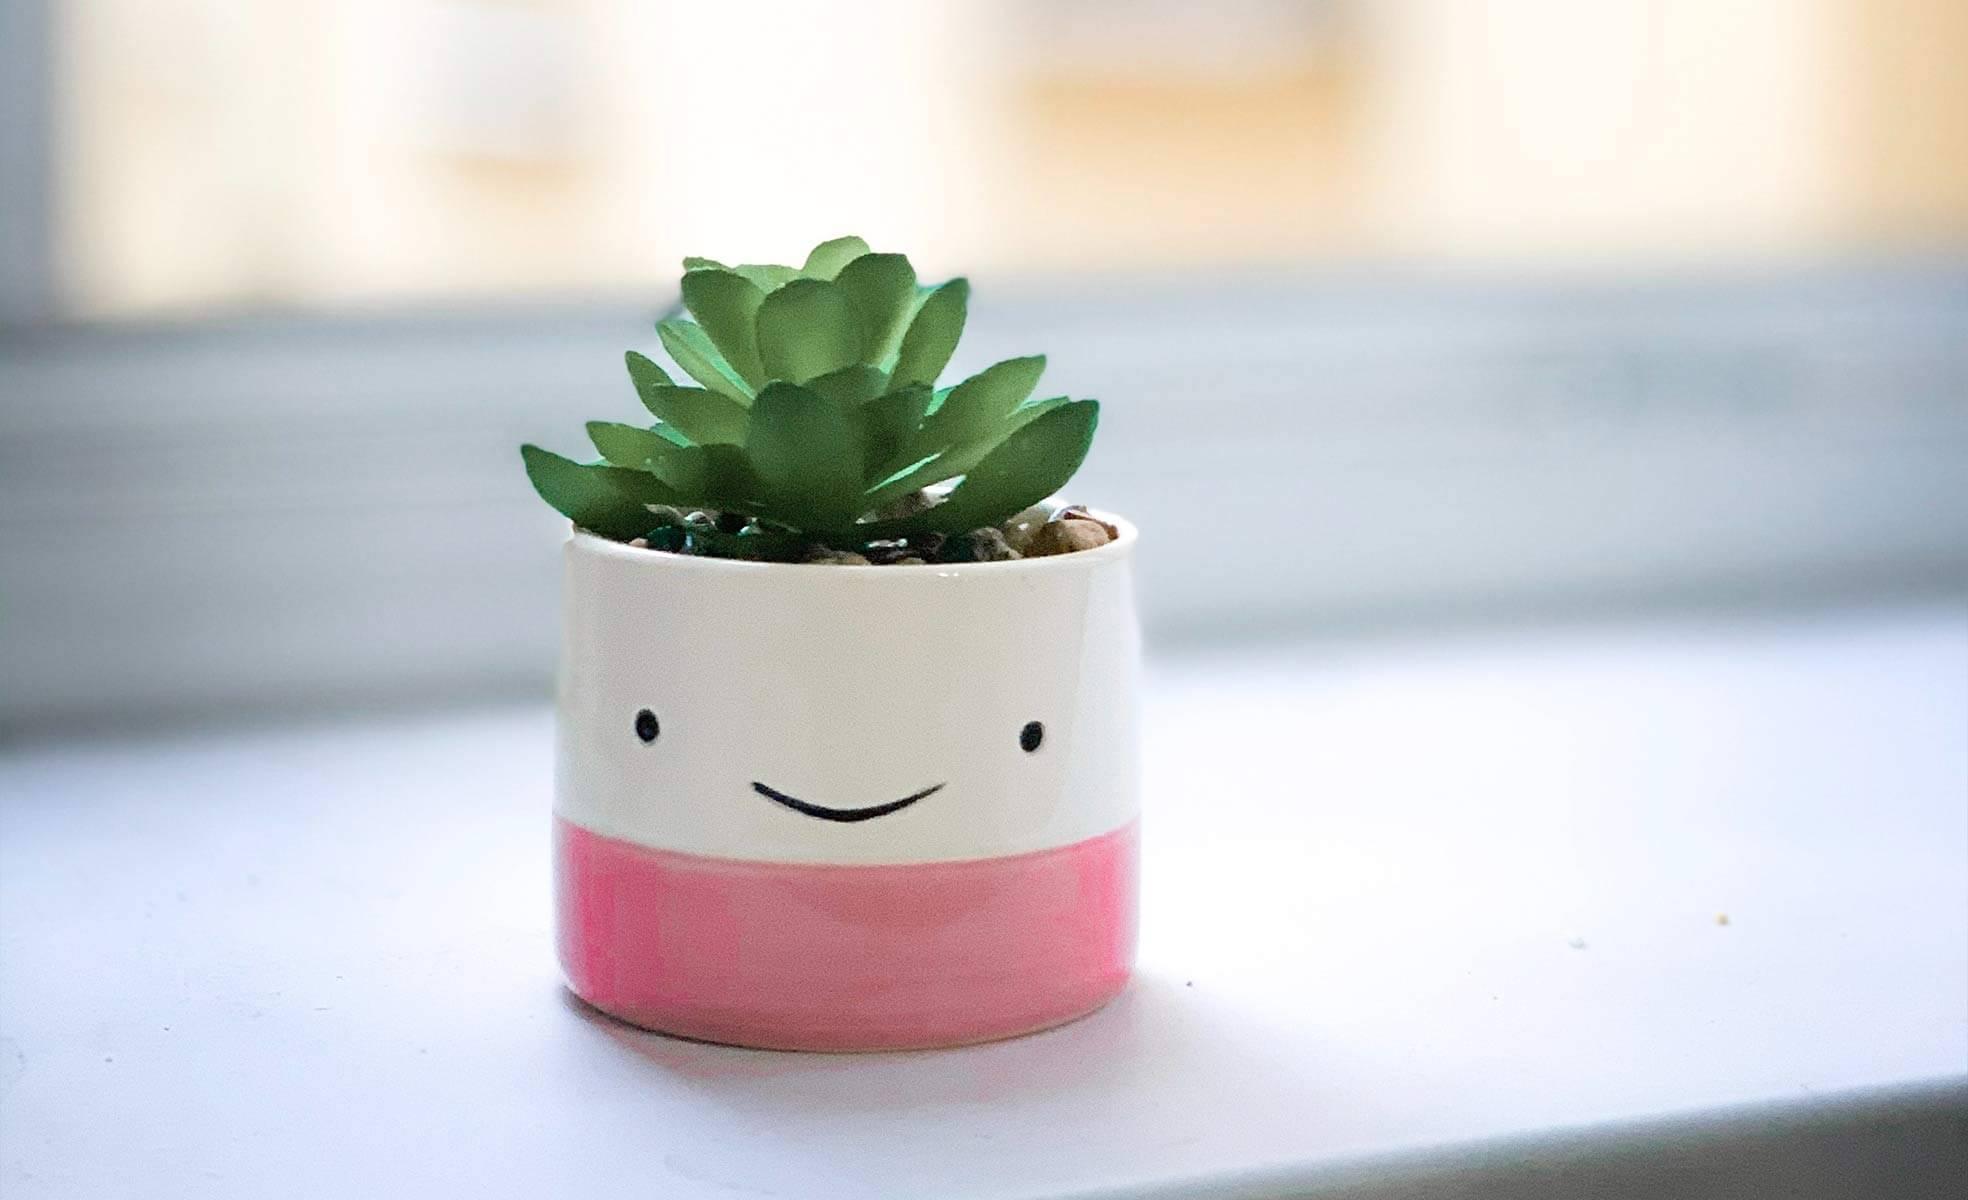 Tudo que você precisa saber sobre plantas | westwing.com.br